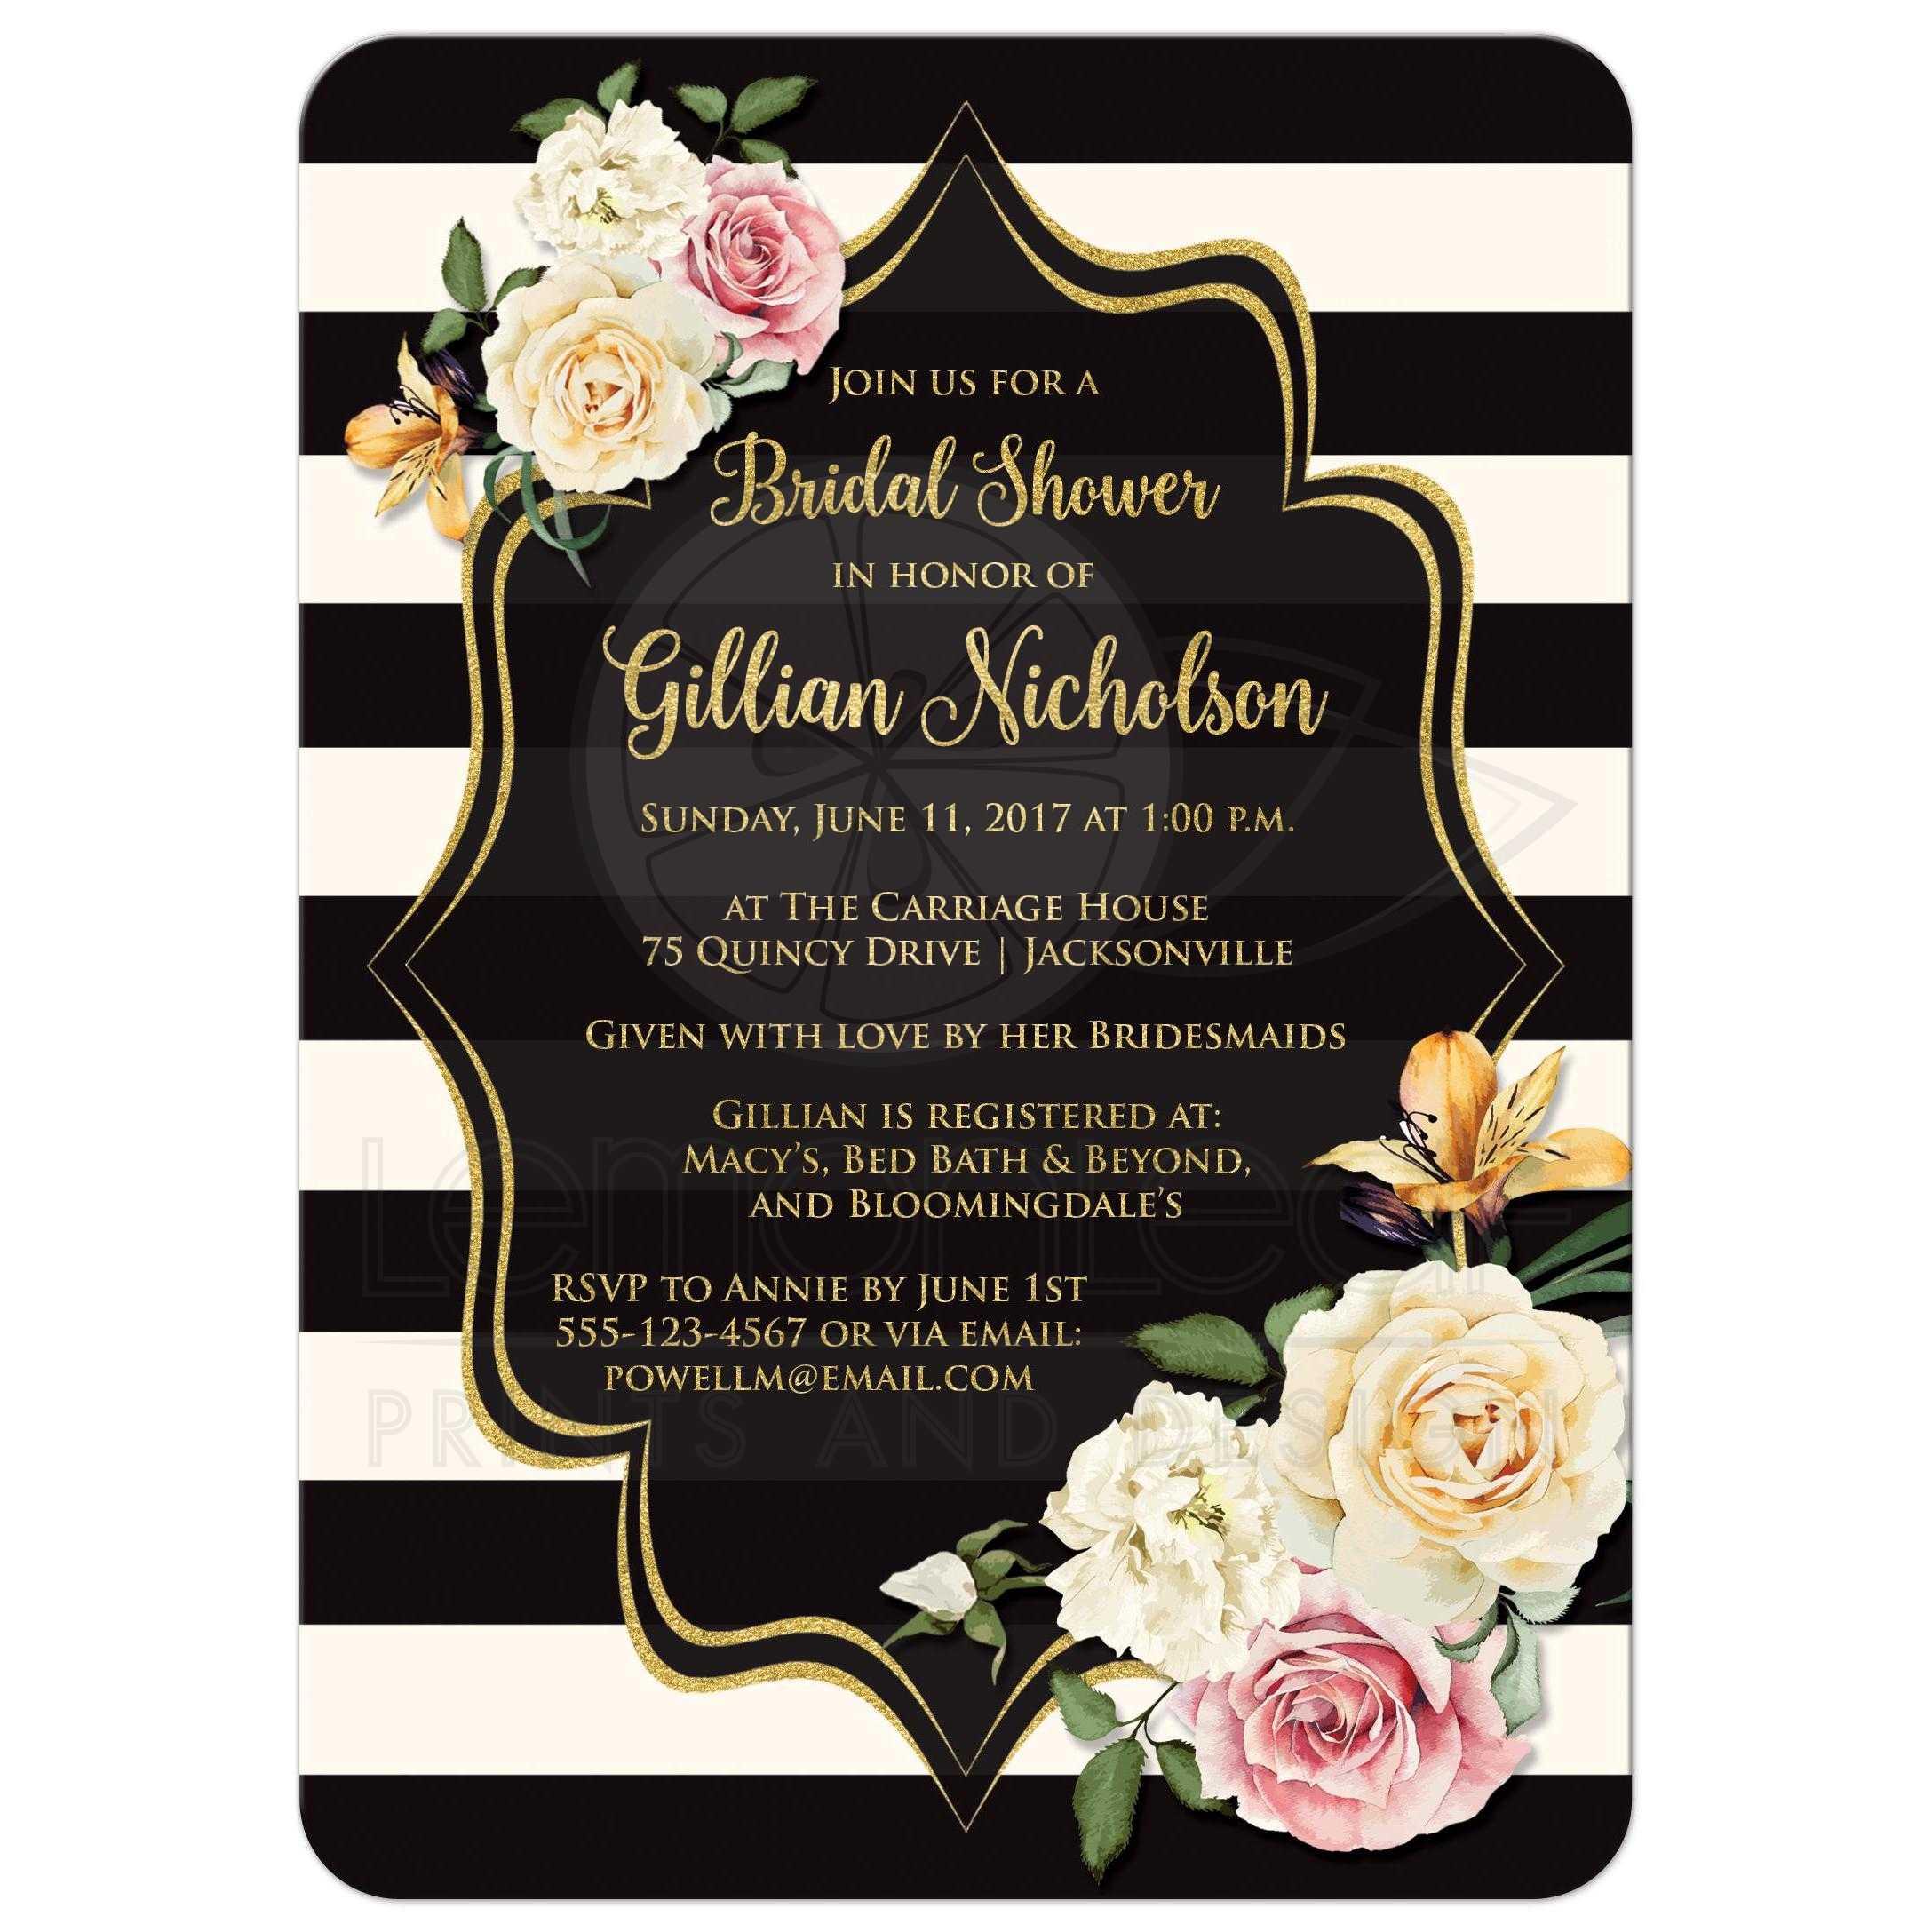 Bridal Shower Invitation | Black, Ivory Stripes | Vintage Floral, Simulated Gold Foil